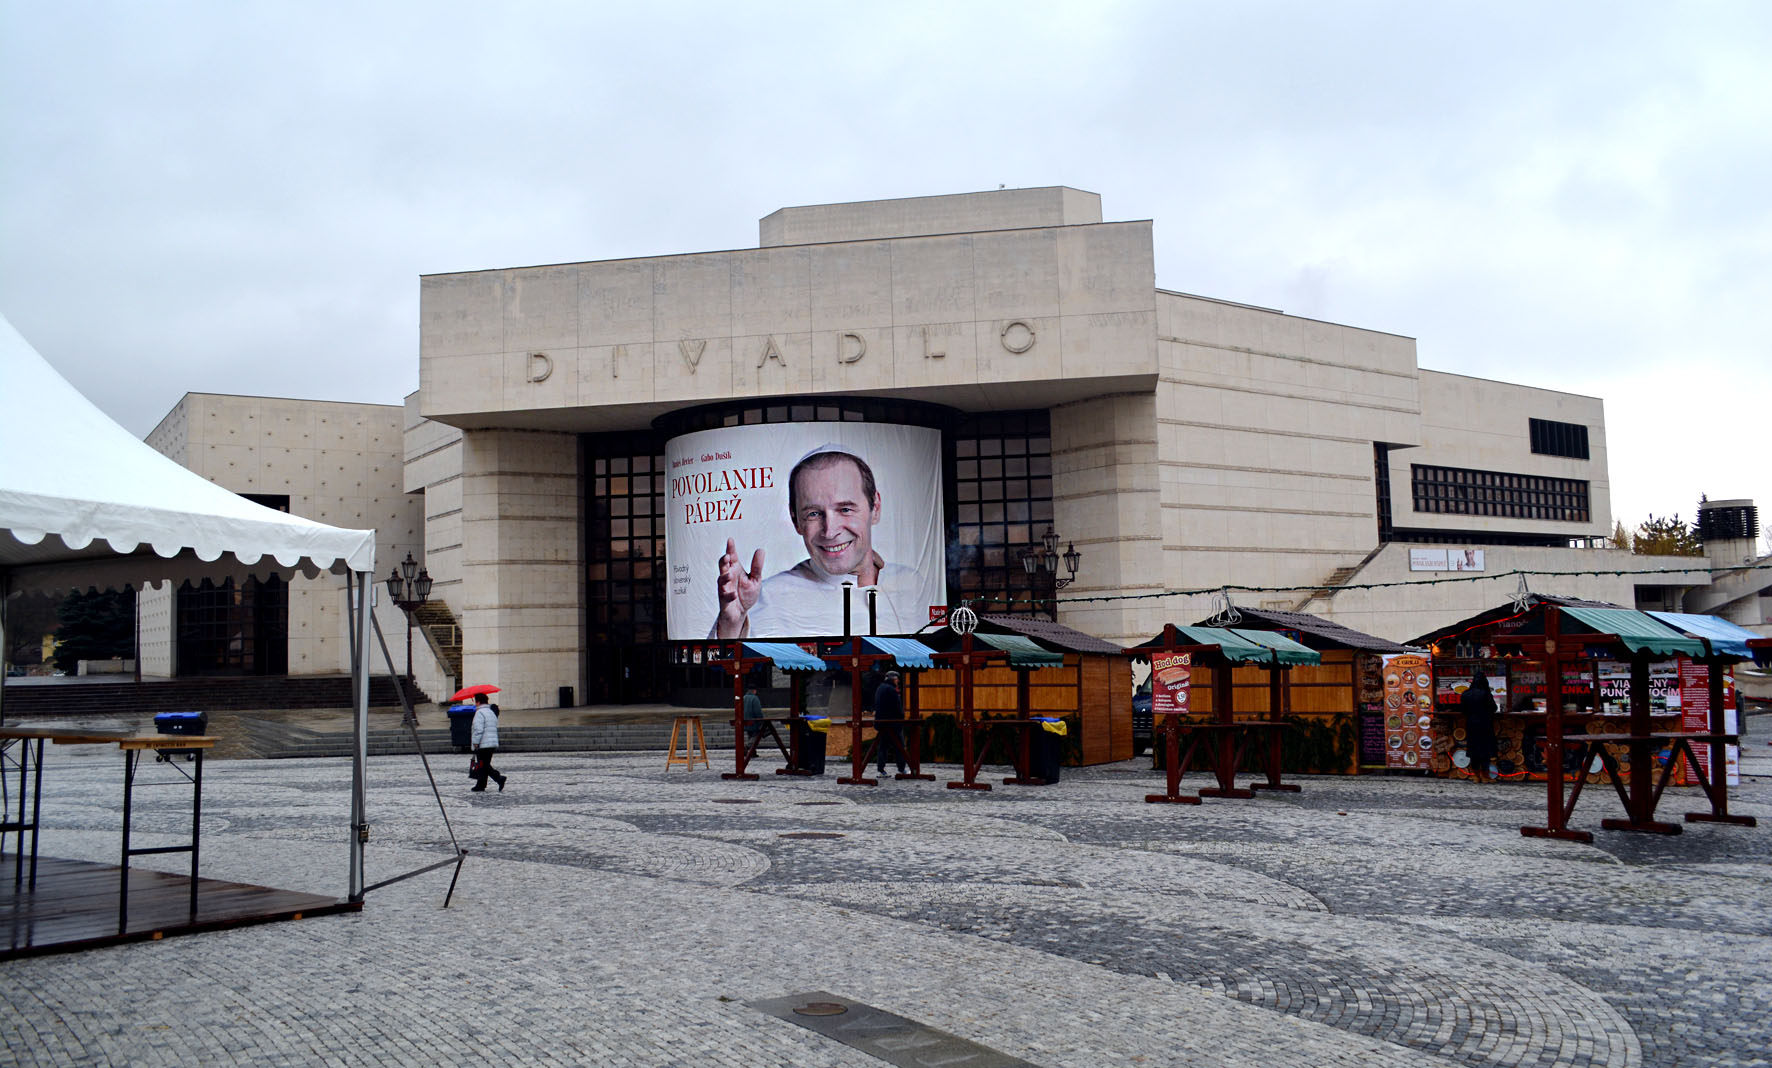 Ešte neobsadené stánky pred divadlom Andreja Bagara. Zdroj: Jana Paveleková